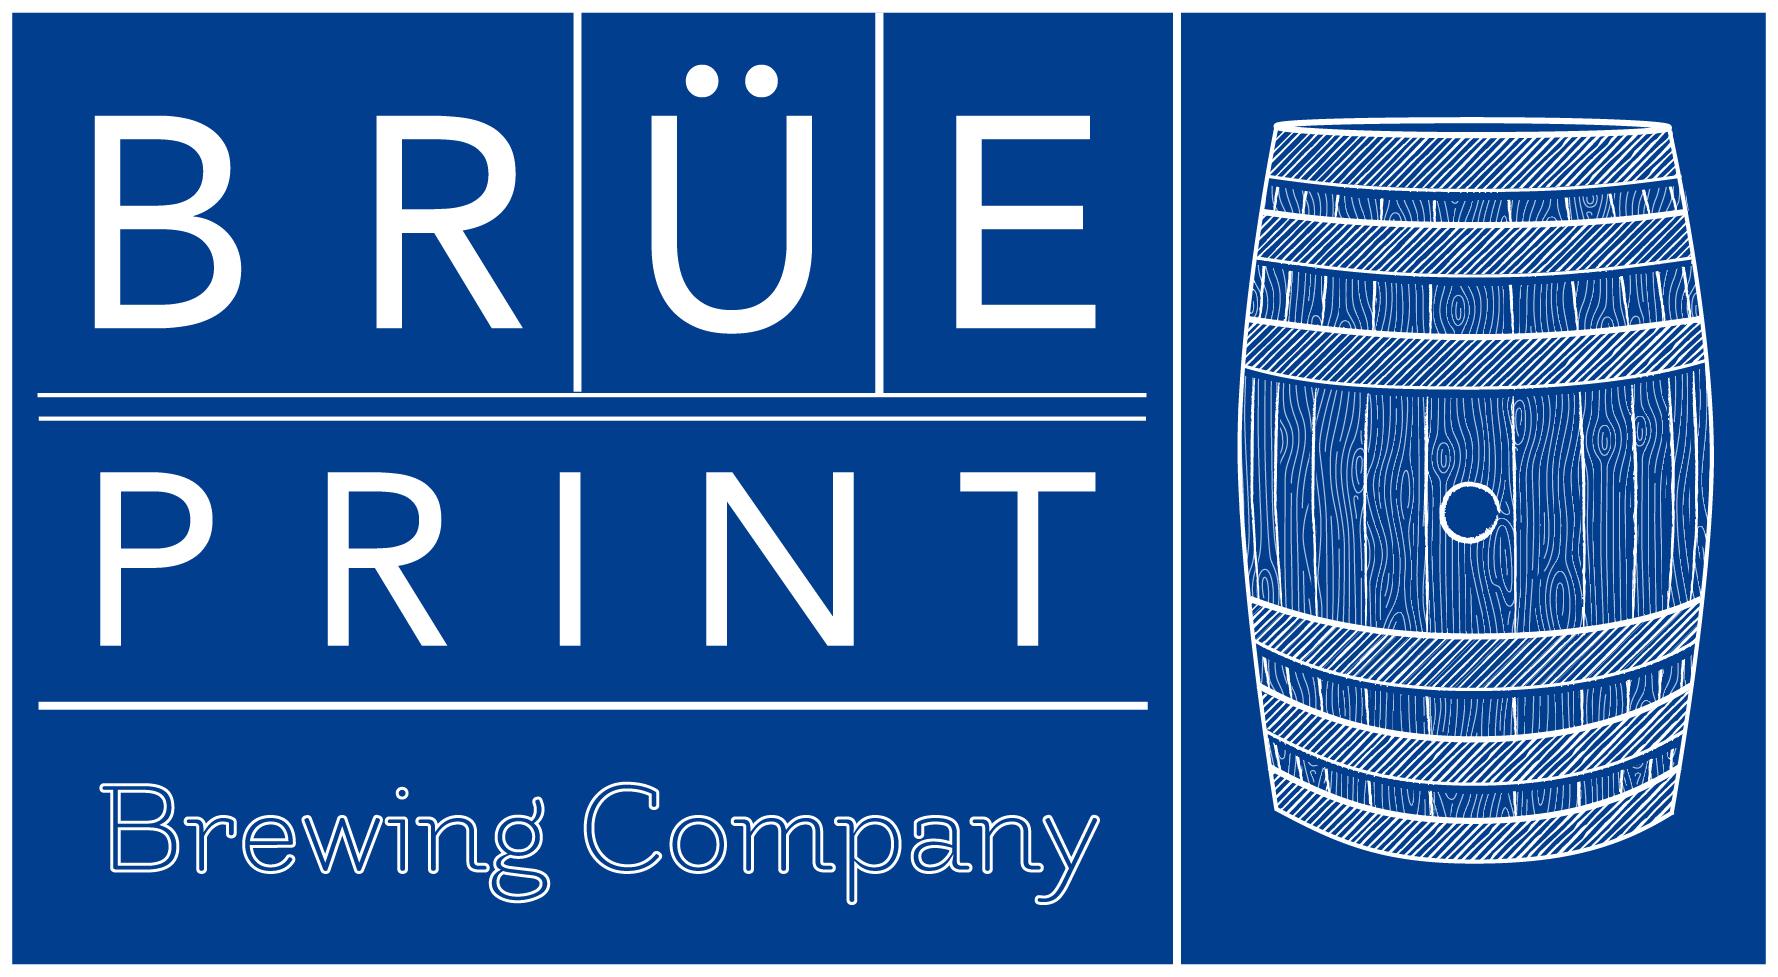 Brueprint Mainlogo-01.jpg